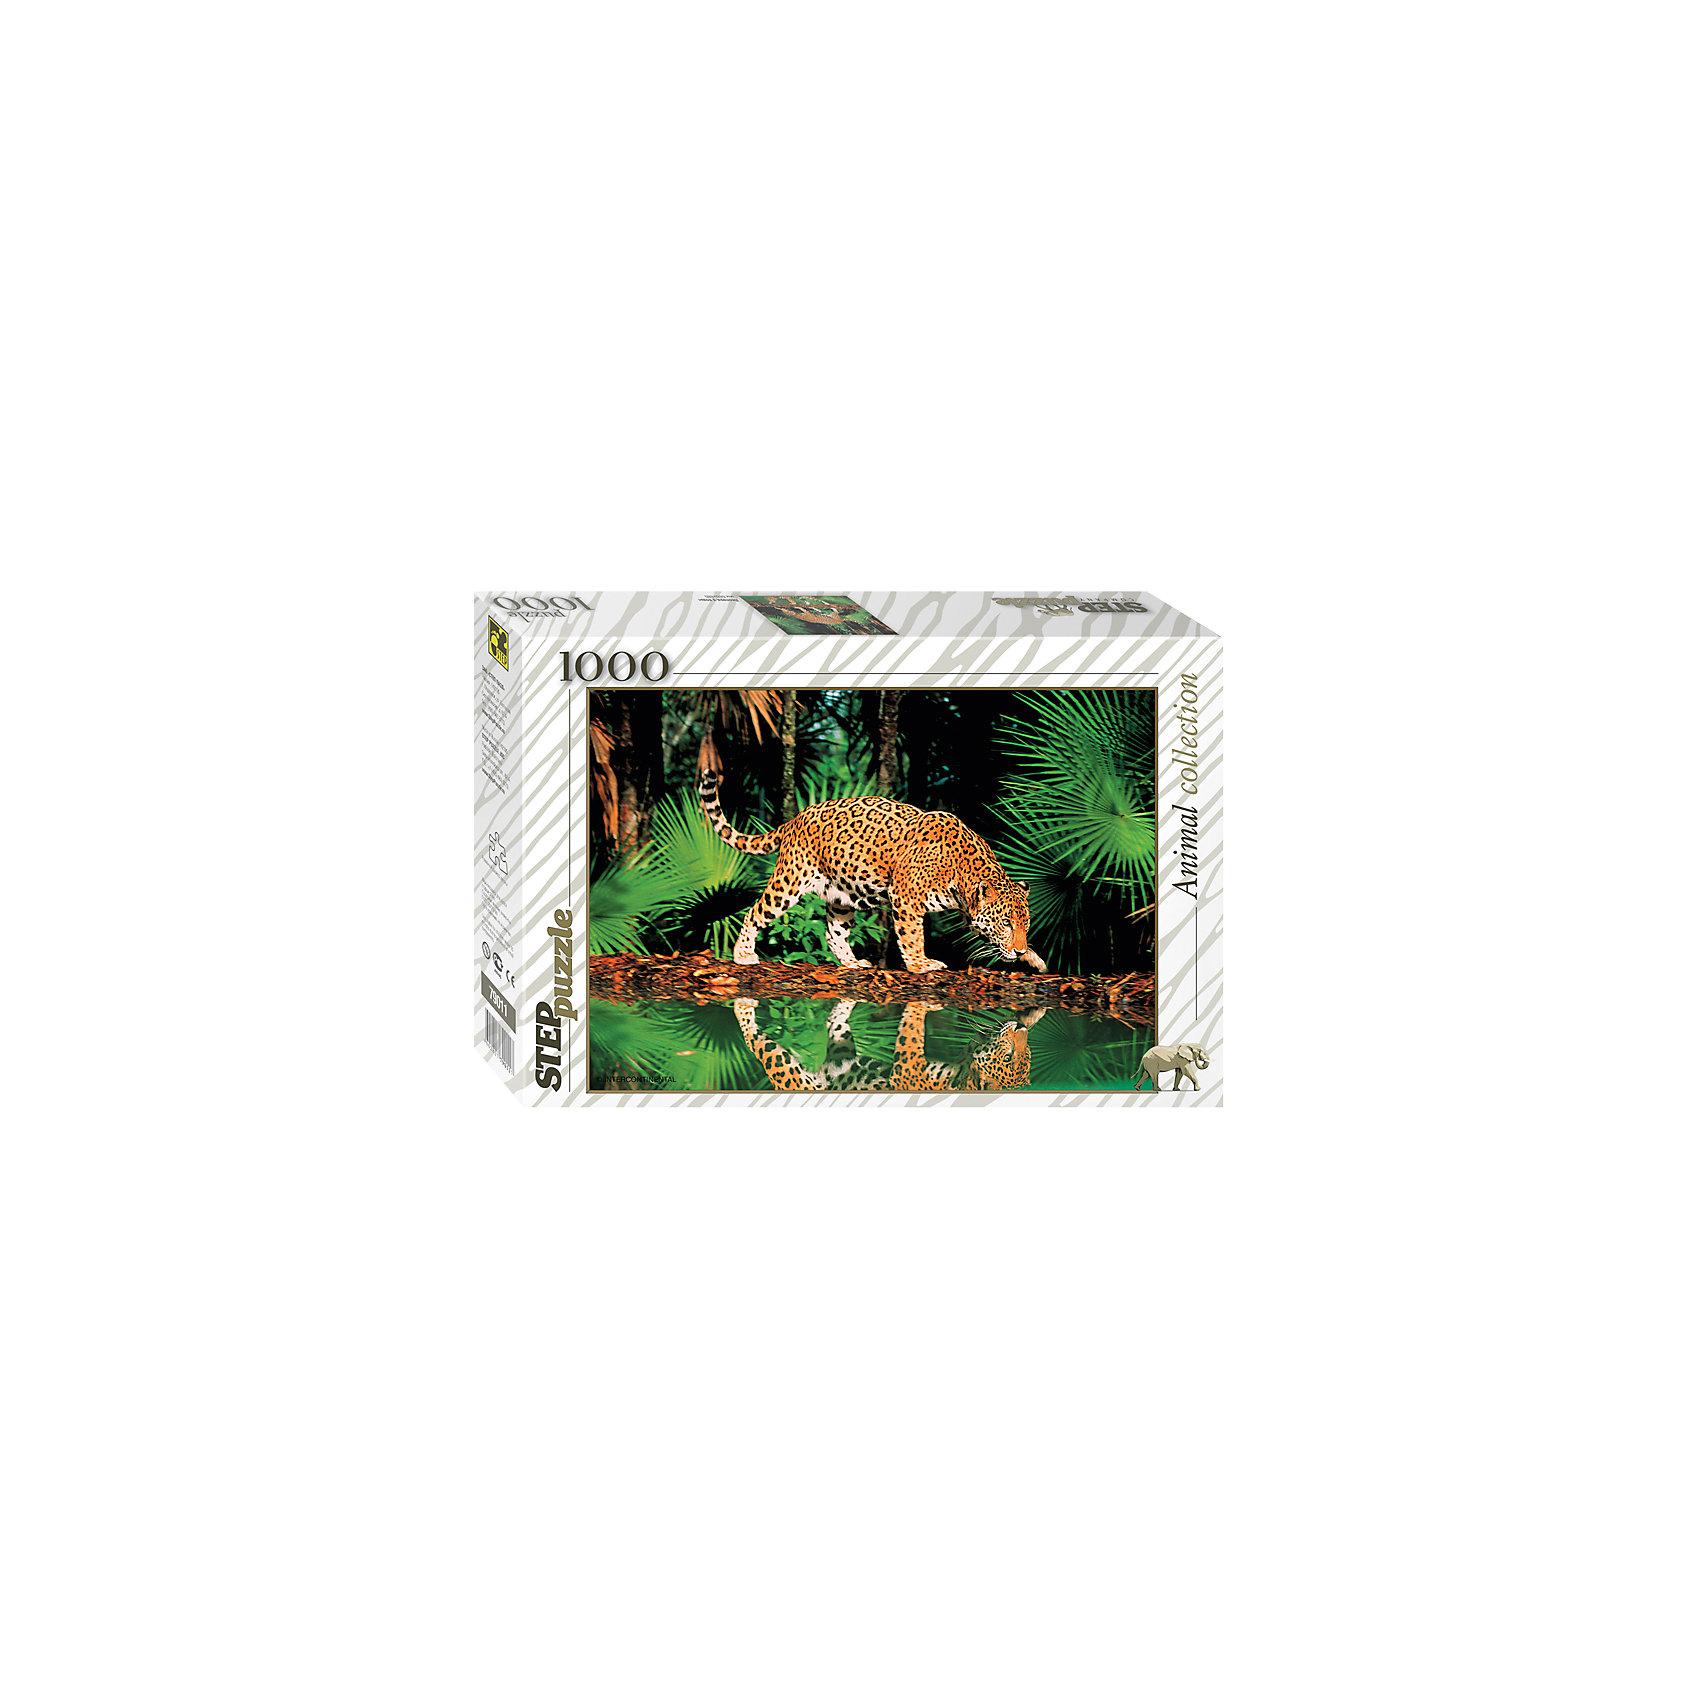 Пазл Леопард у воды, 1000 деталей, Step puzzleКлассические пазлы<br>Коллекционный подарочный пазл из серии «Animal Collection» наверняка приведет в восторг любителей дикой природы и прекрасных животных. Леопард самая быстрая кошка на планете. Все его мощное тело как будто каждую минуту готово броситься за добычей. Движения Леопарда очень грациозны. Масштабный пазл Леопард у воды изображает стремительное животное на отдыхе у водоема. Его крепкую фигуру мы видим и в отражении воды. Вы получите истинное наслаждения собирая прекрасные пейзажи саванны и яркое прекрасное животное. Вас обрадует прекрасное качество деталей и высокая точность в подгонке деталей. Сборка красивых пазлов прекрасное занятие для всей семьи. Готовая картина станет оригинальным украшением квартиры и поразит Ваших гостей своим великолепием и яркими красками.<br><br>Дополнительная информация:<br><br>- Количество деталей: 1000;<br>- Уникальное качество деталей;<br>- Развивает: воображение, логику, мелкую моторику, память;<br>- Чудесное украшение интерьера;<br>- Прекрасная полиграфия;<br>- Размер упаковки: 39 x 27 x 5 см;<br>- Размер готовой картинки: 68 х 48 см;<br>- Вес: 0,7 кг.<br><br>Пазл «Леопард у воды», 1000 деталей, Степ Пазл можно купить в нашем интернет-магазине.<br><br>Ширина мм: 40<br>Глубина мм: 27<br>Высота мм: 6<br>Вес г: 778<br>Возраст от месяцев: 168<br>Возраст до месяцев: 216<br>Пол: Унисекс<br>Возраст: Детский<br>Количество деталей: 1000<br>SKU: 4162763